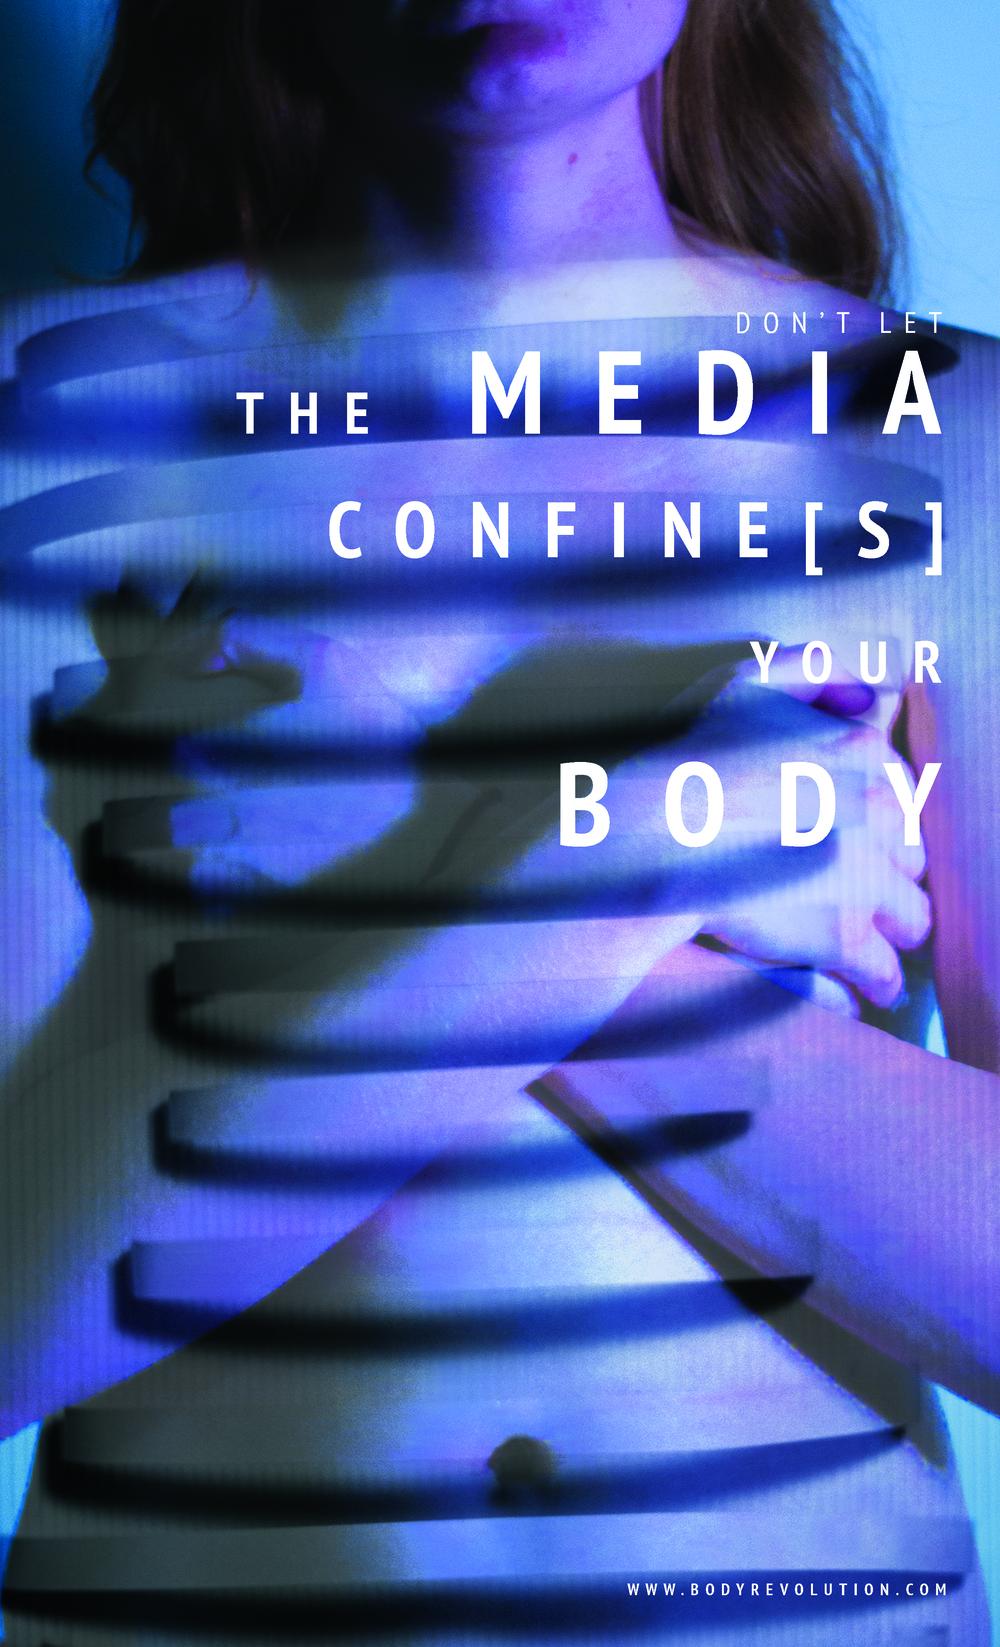 BodyConfinement.jpg